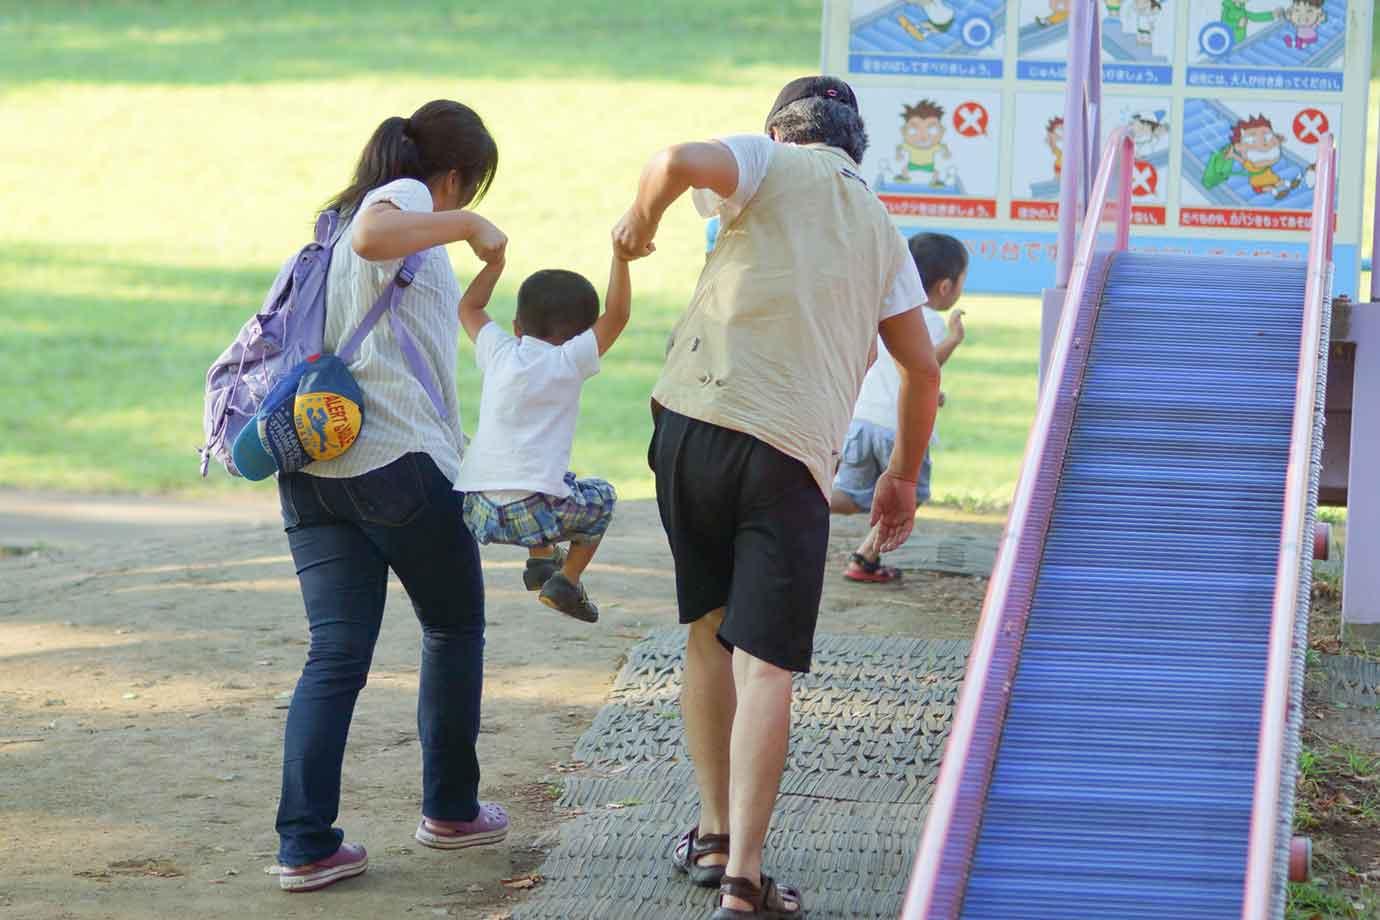 スポーツを楽しむには、小さな頃からの運動遊びが重要です